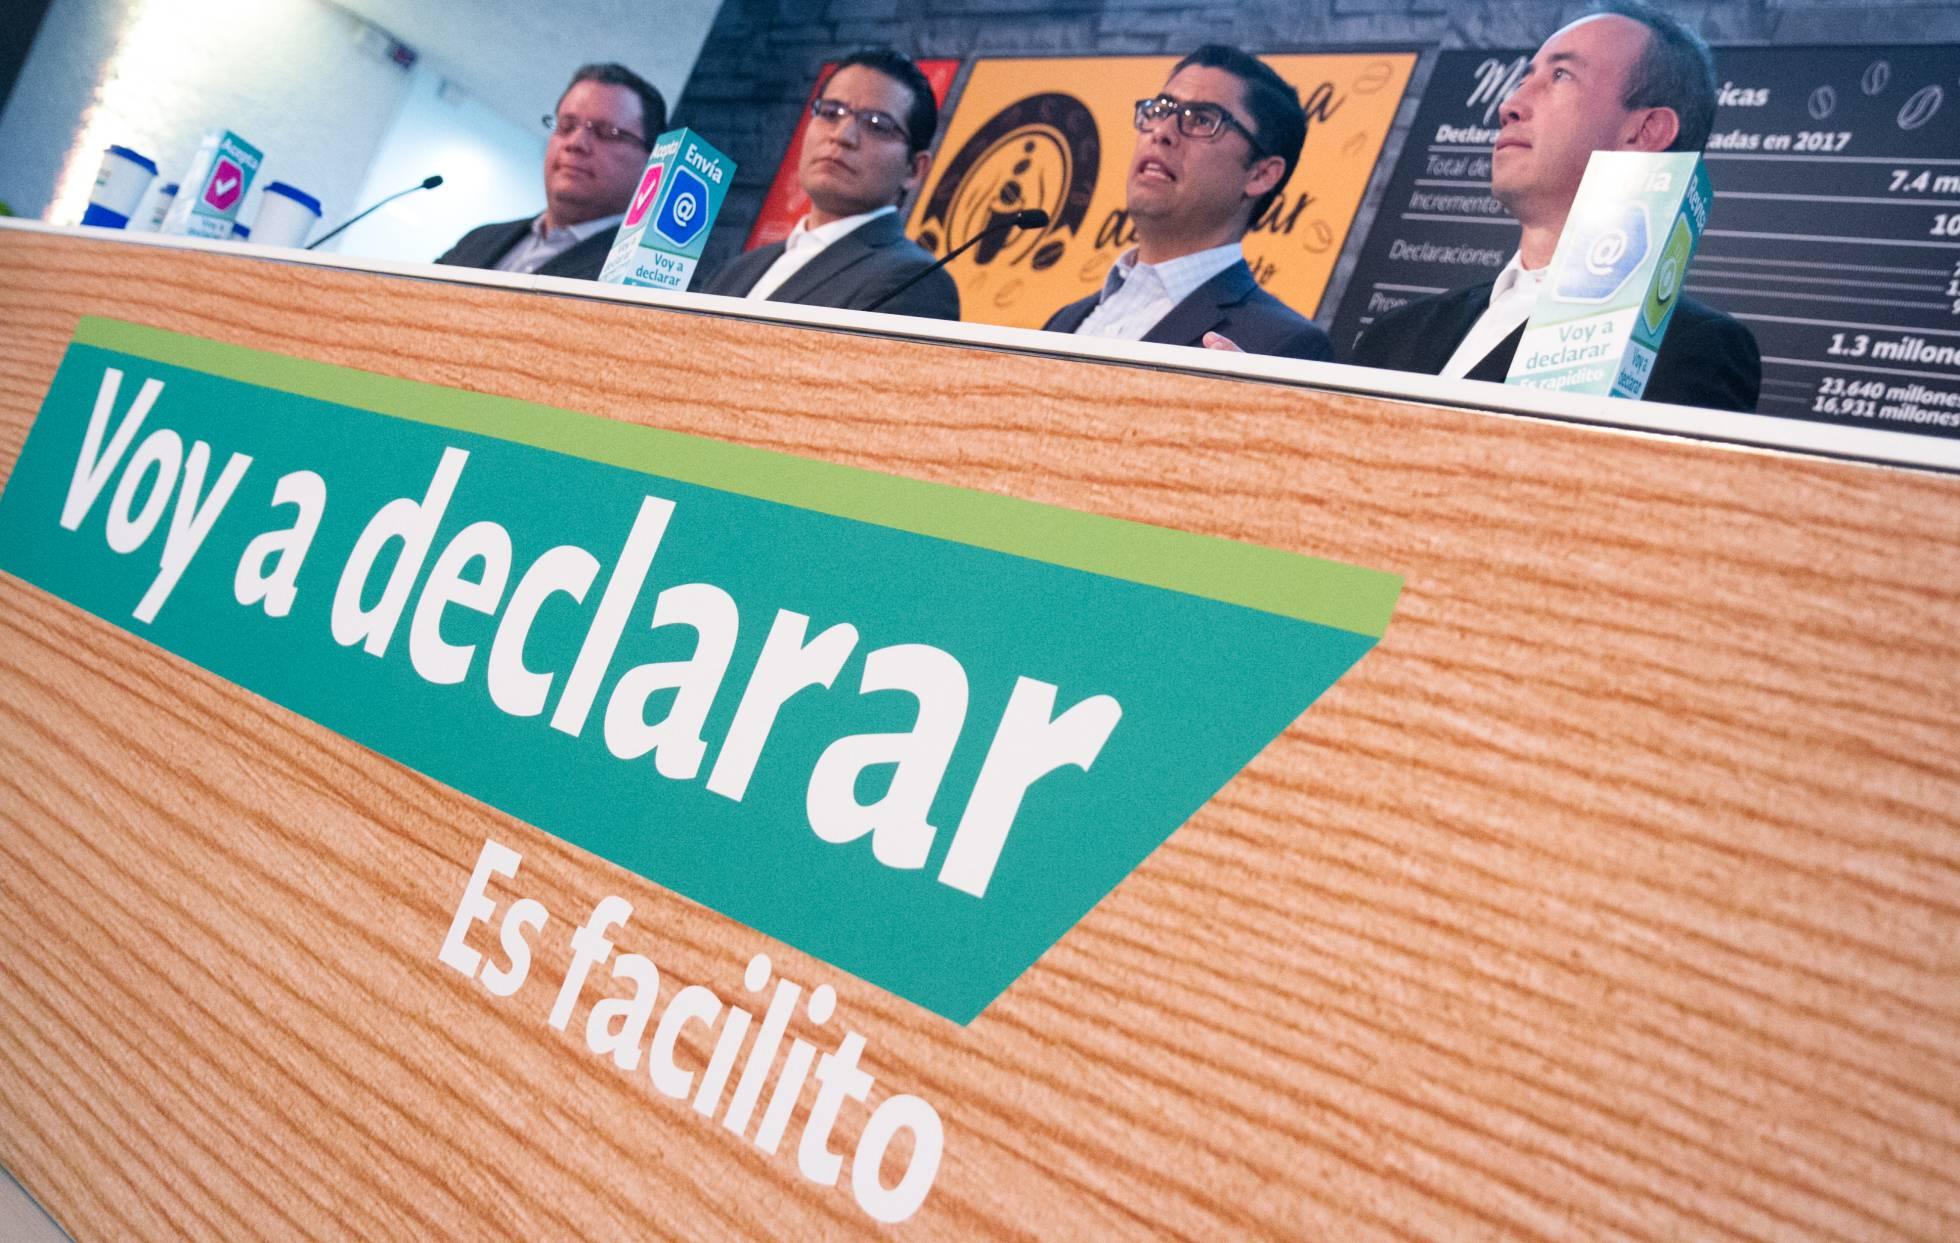 México deja de recaudar 28.000 millones de dólares cada año por evasión fiscal